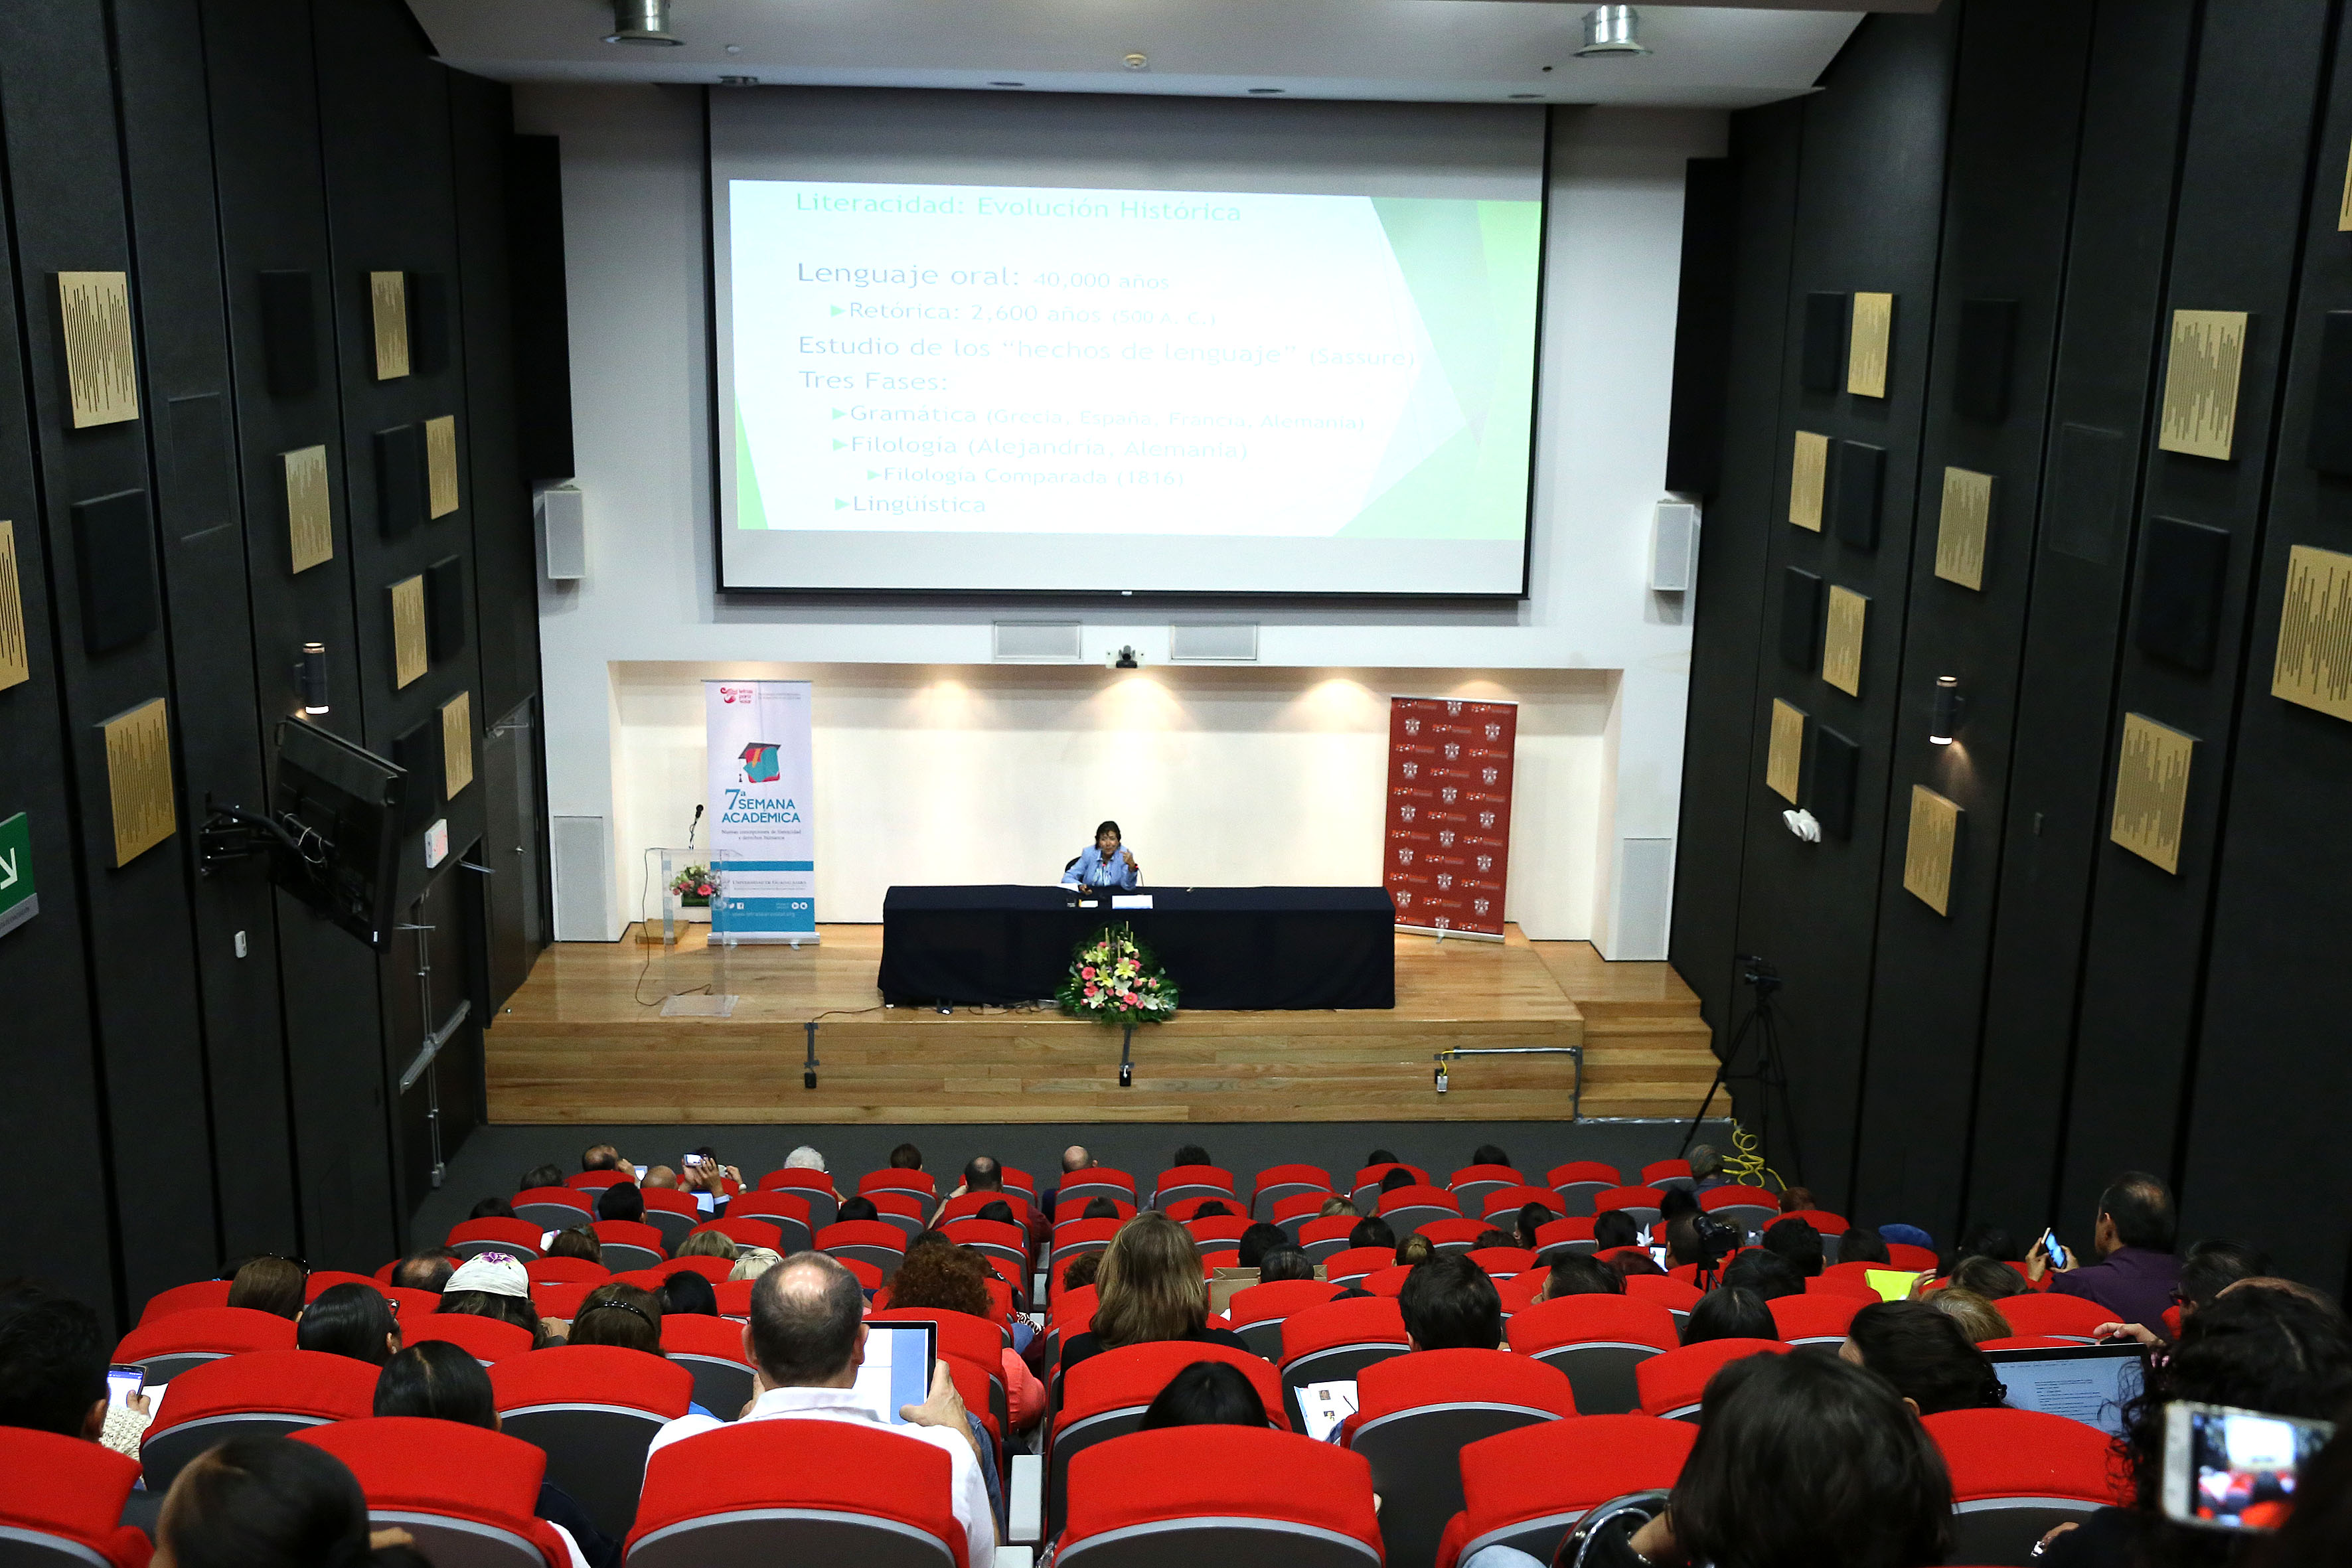 """Dra. Yolanda Gayol, académica de la Fielding Graduate University, durante la conferencia """"Nuevos conceptos de literacidad y sus implicaciones en el desarrollo económico y social de los países"""""""